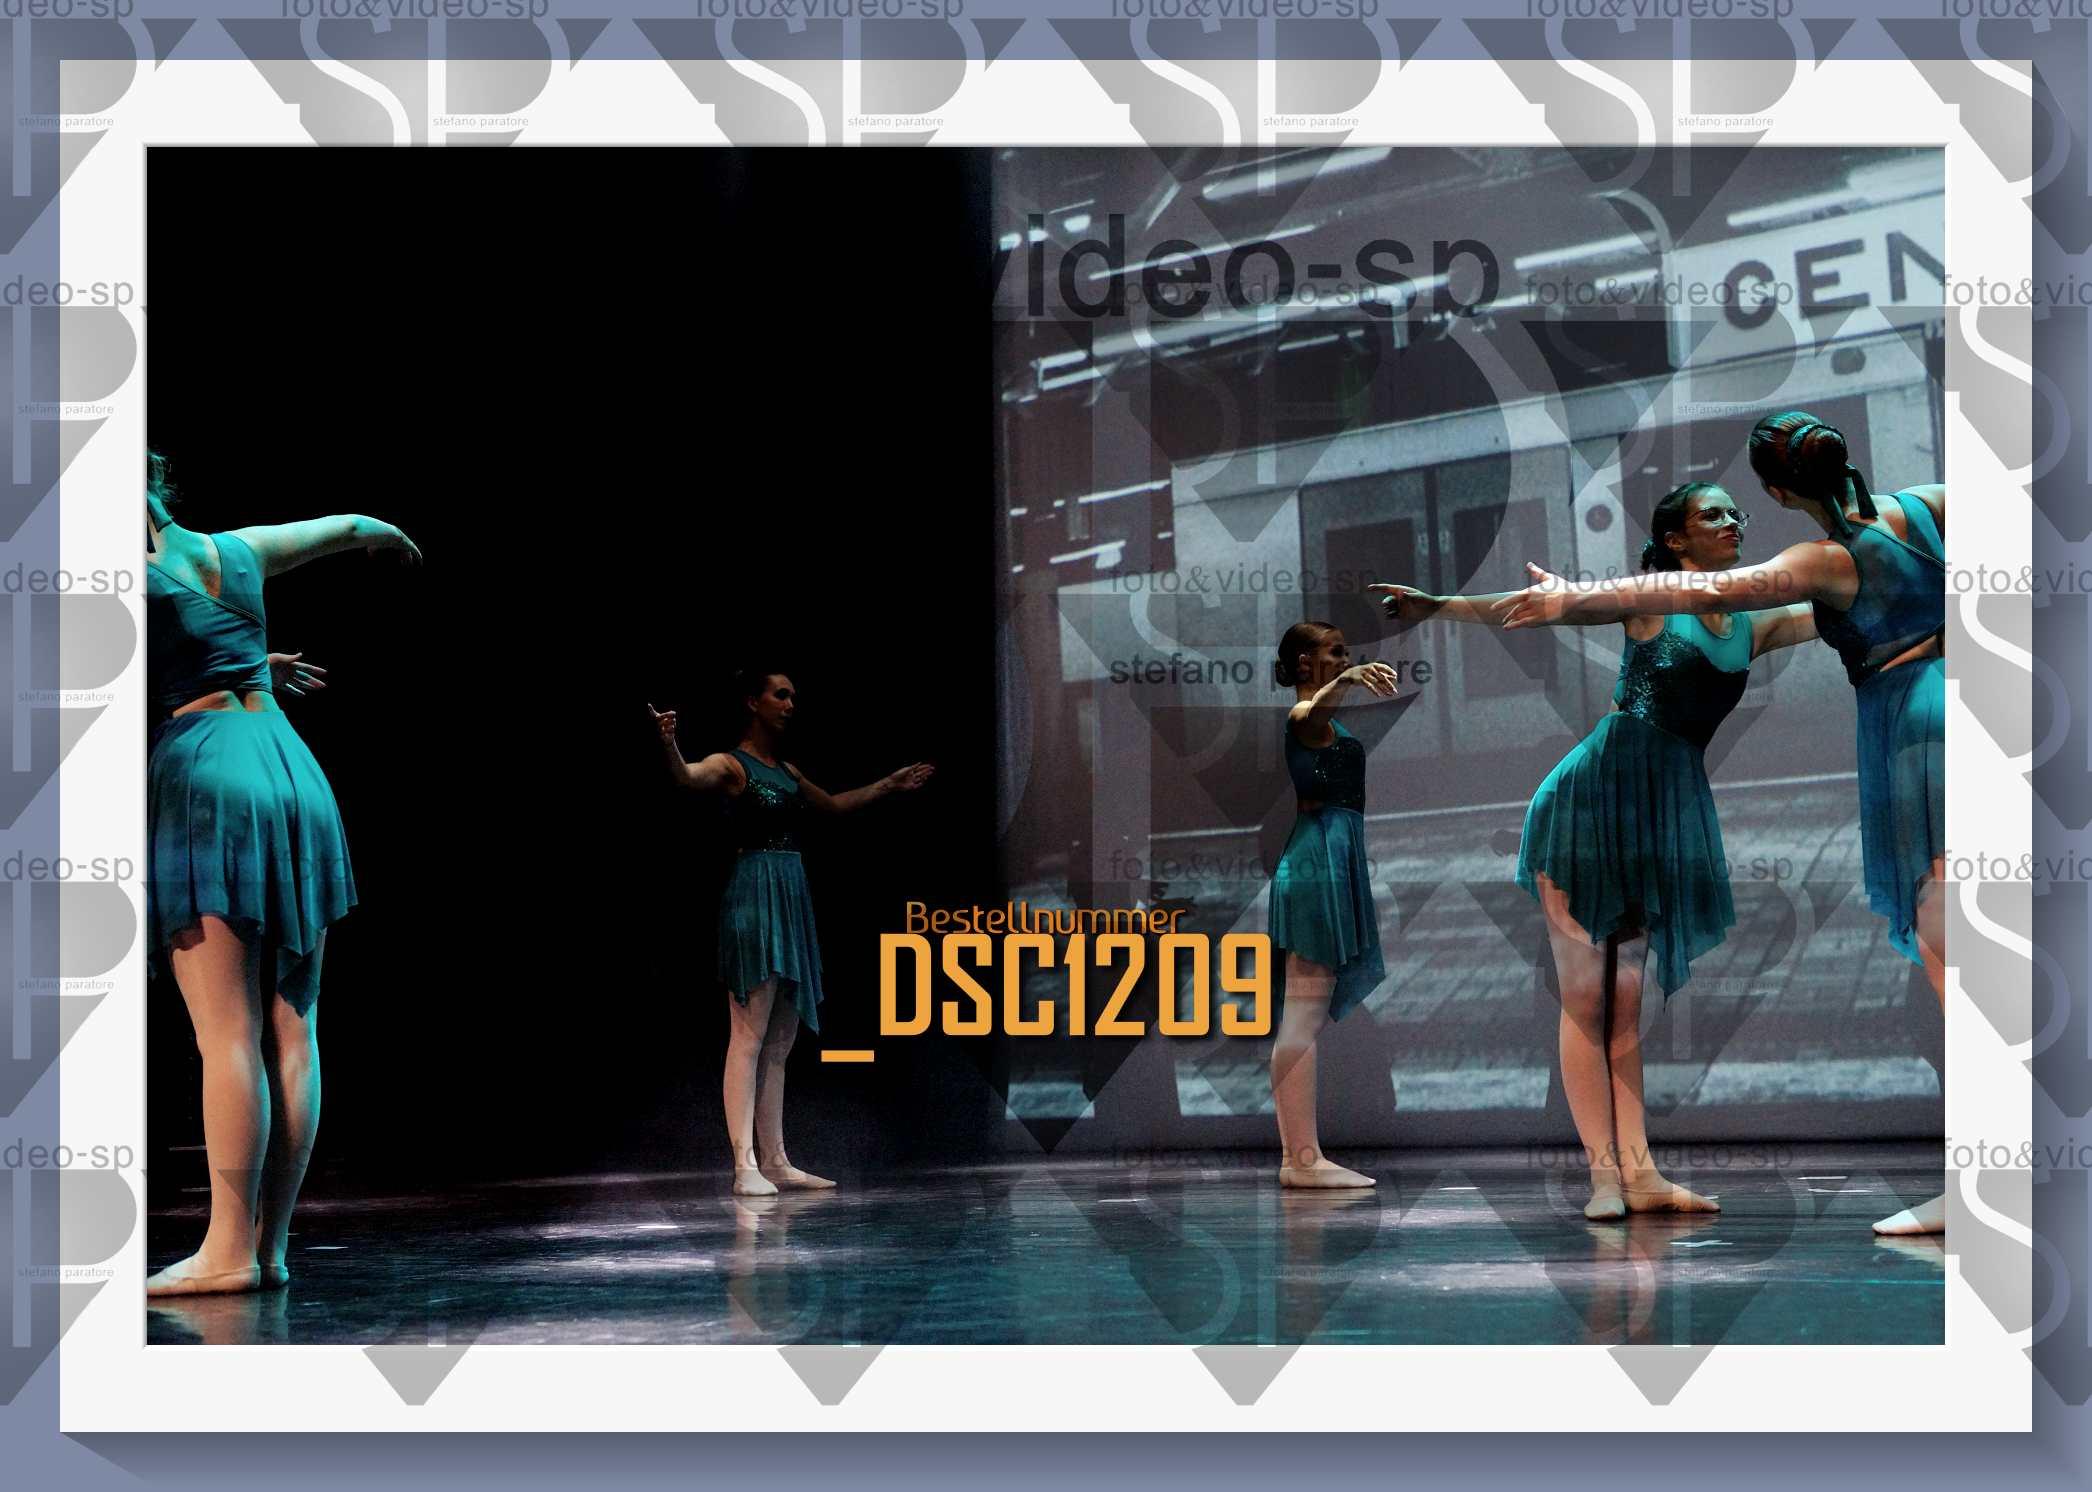 DSC1209